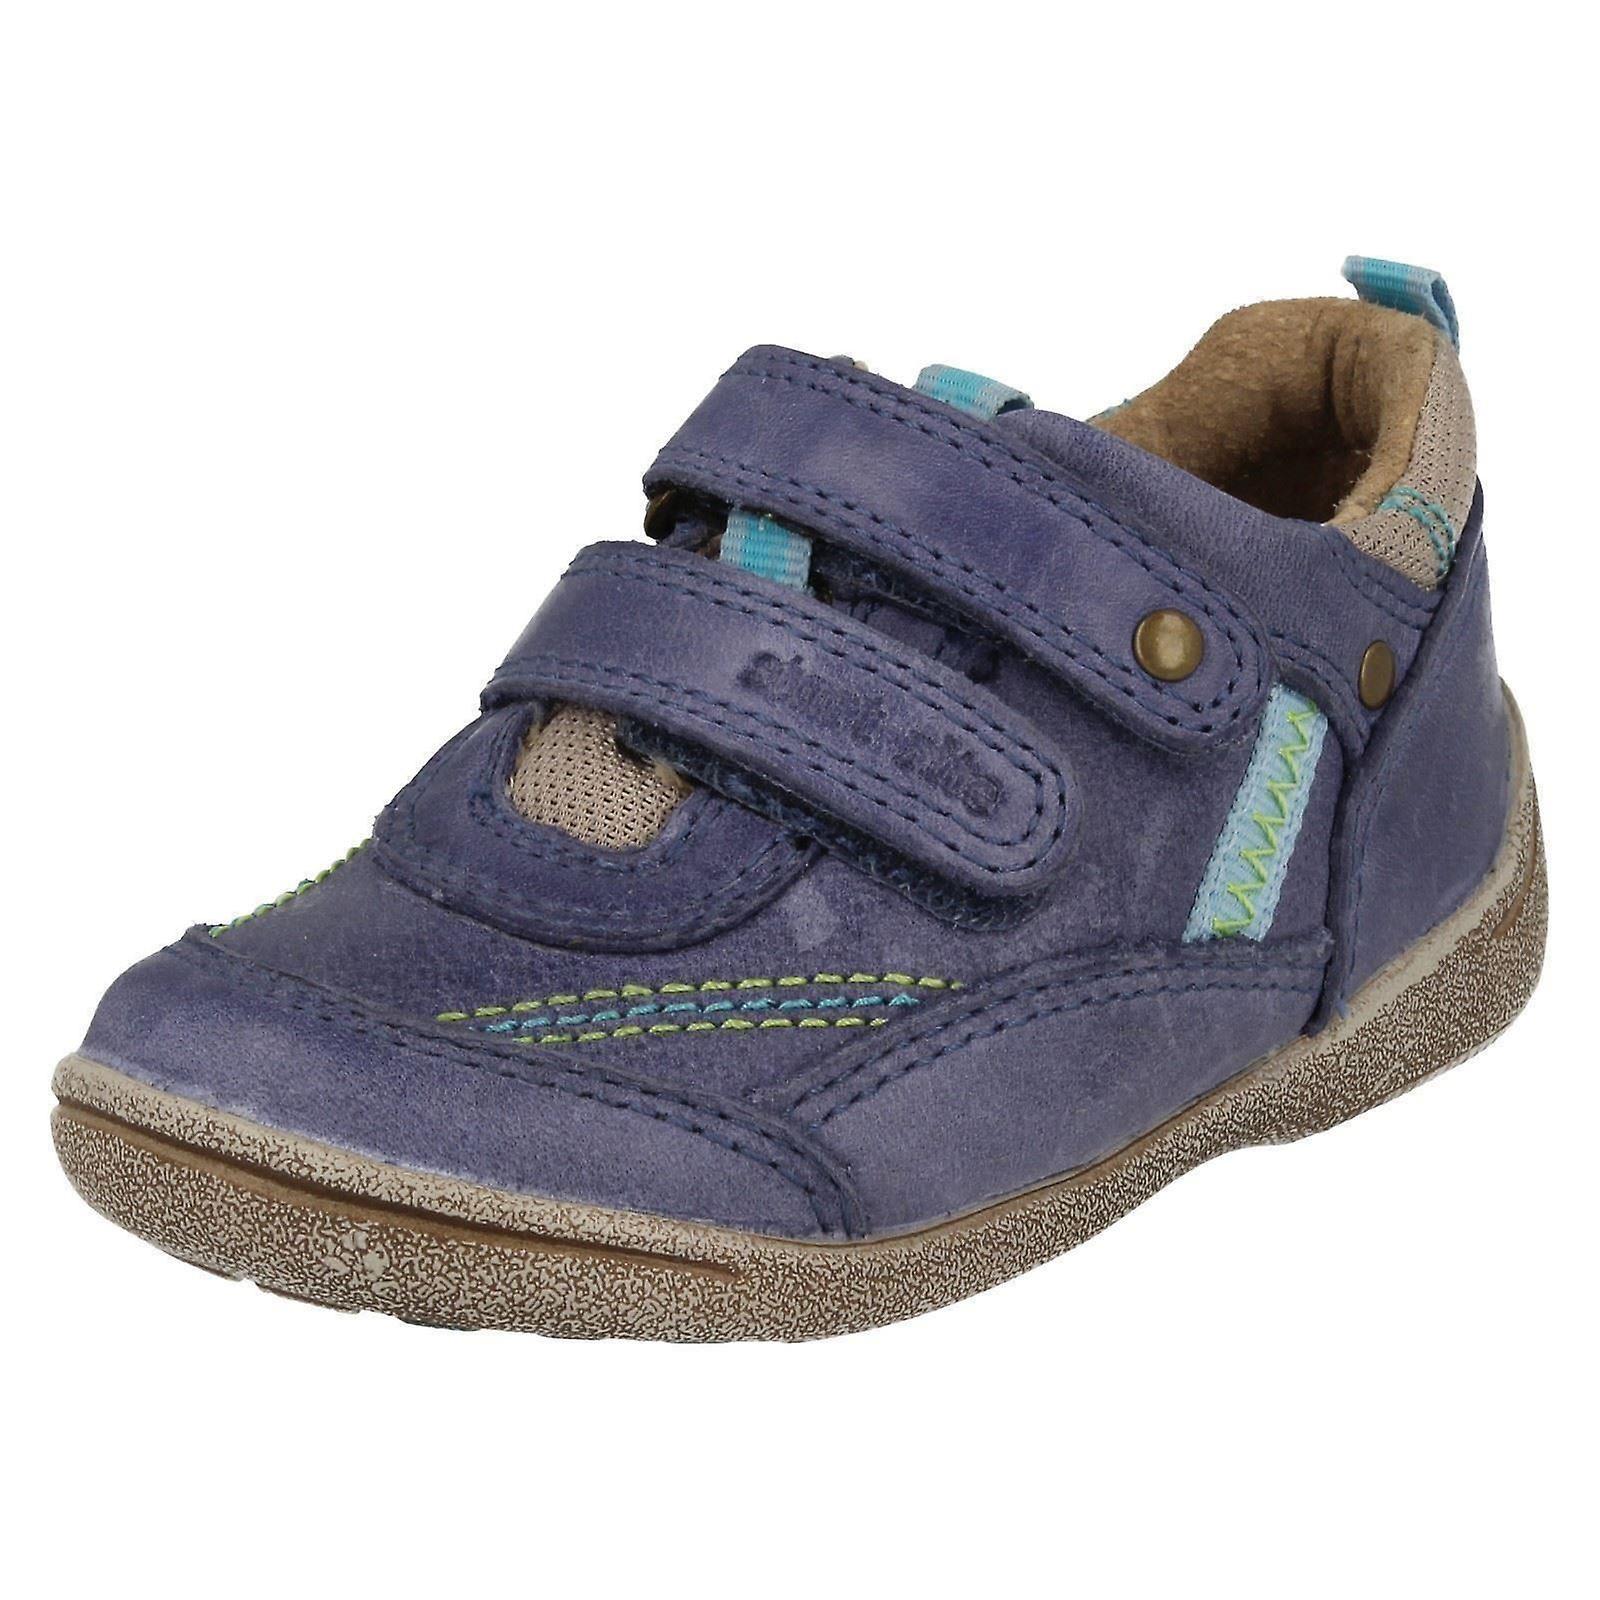 Garçons Startrite Casual chaussures Super doux Leo